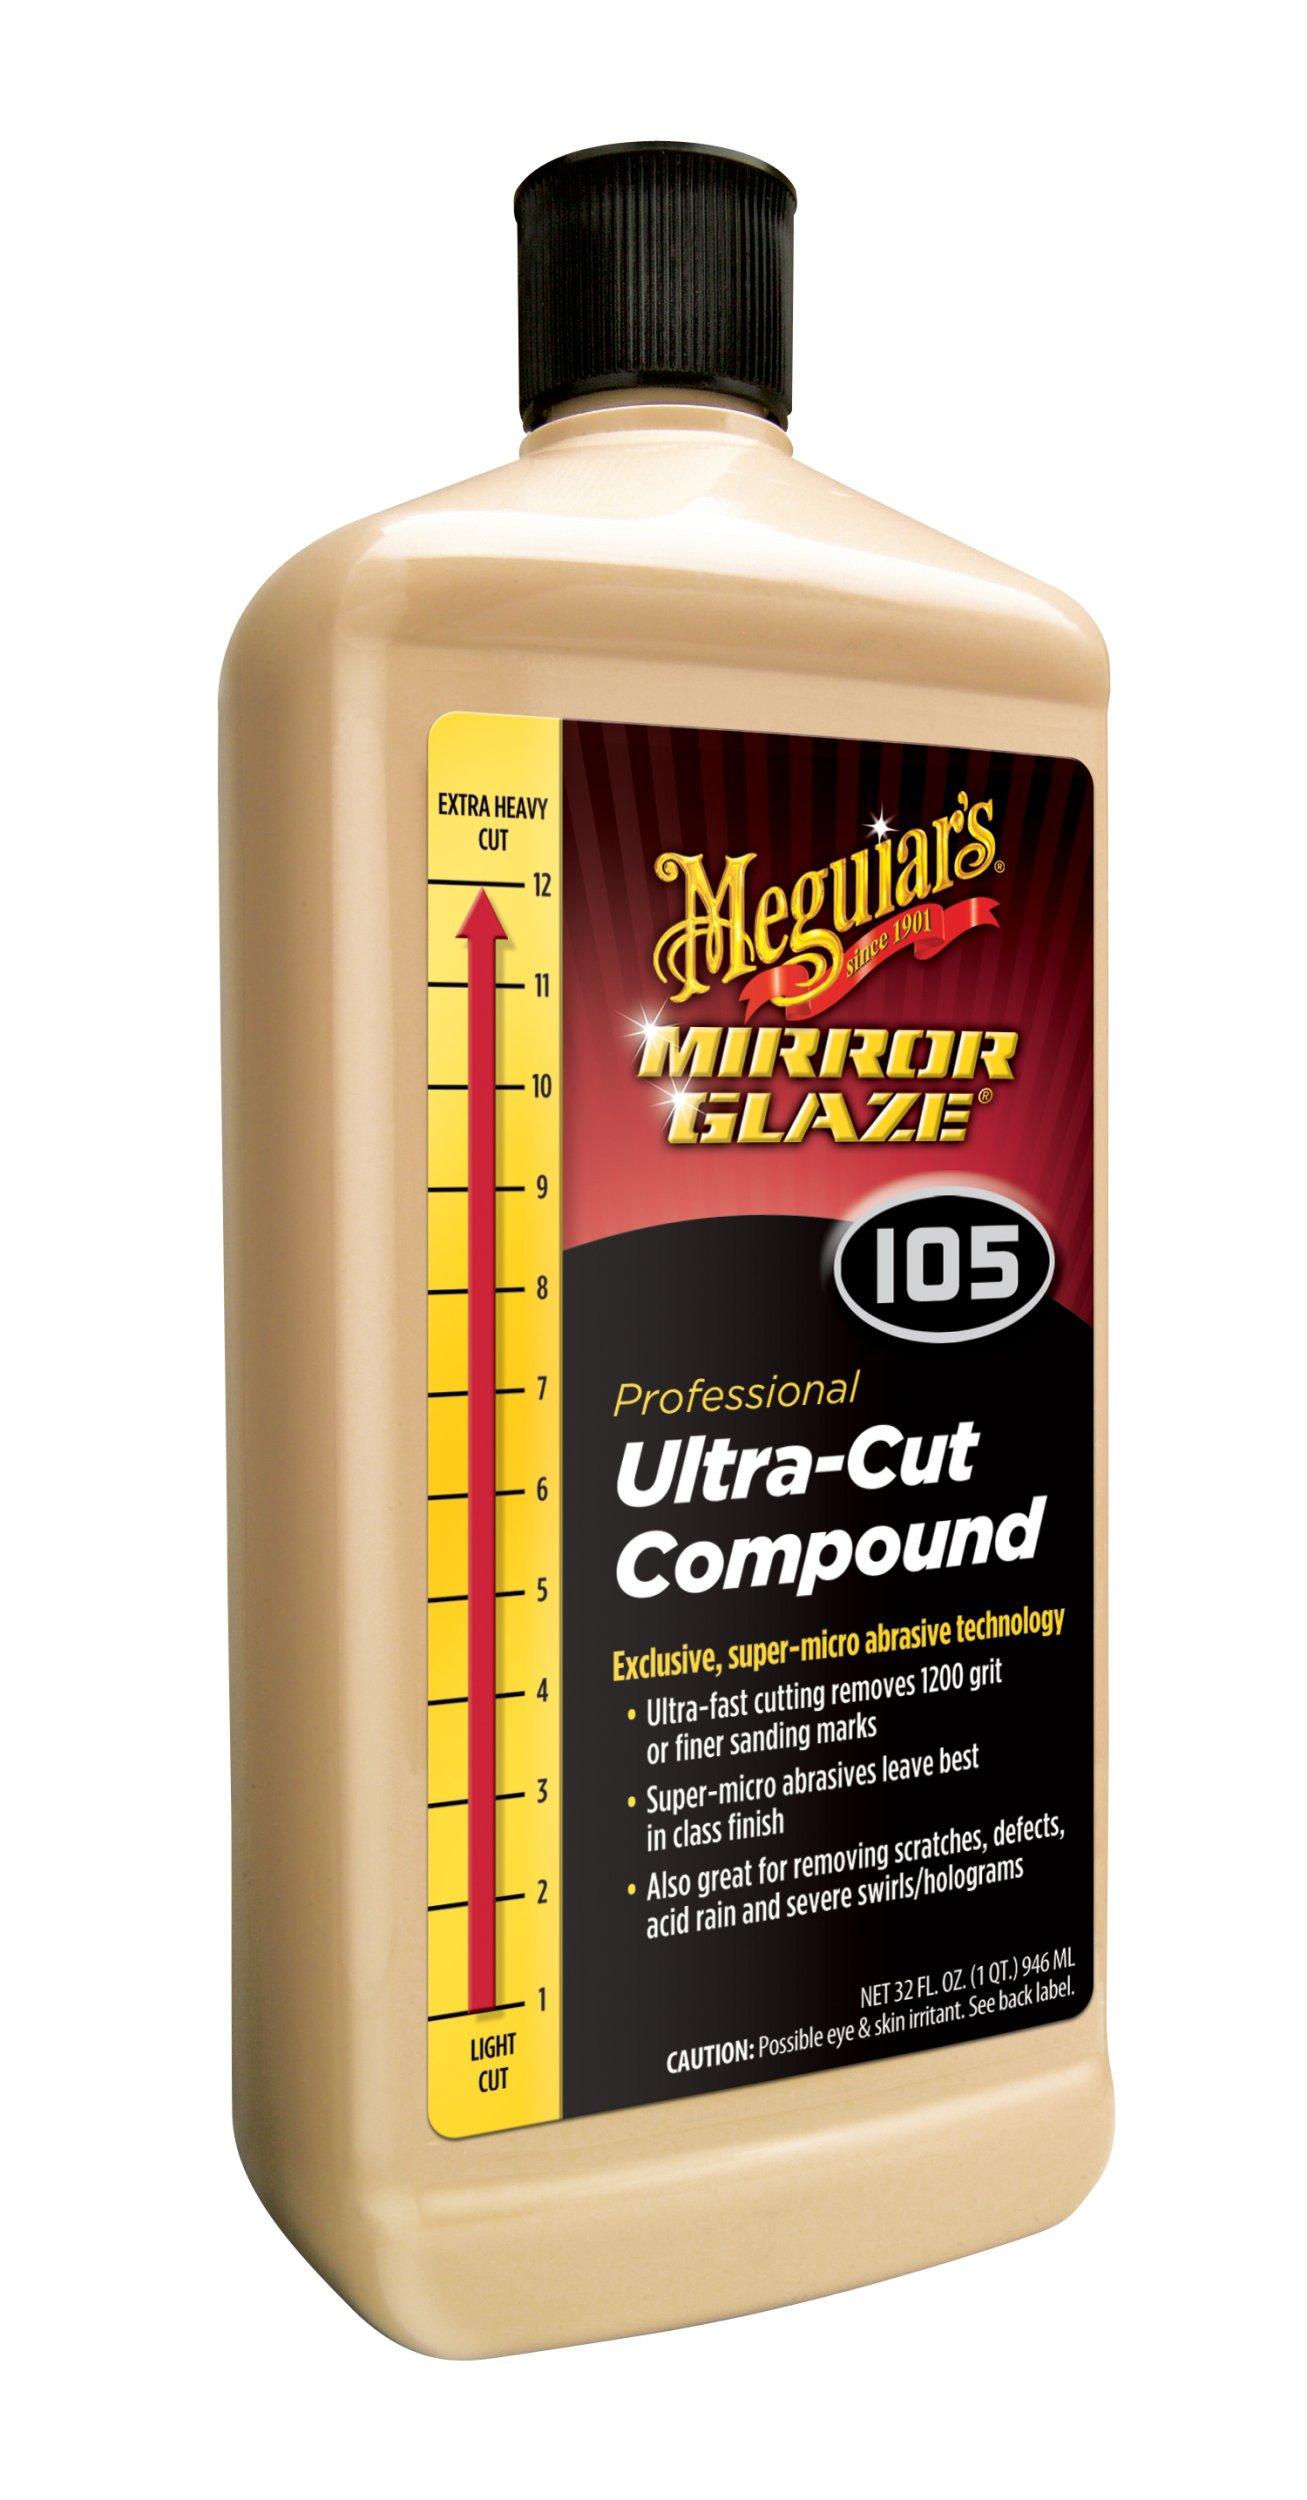 Meguiar's M105 Mirror Glaze Ultra-Cut Compound - 32 oz. by Meguiar's